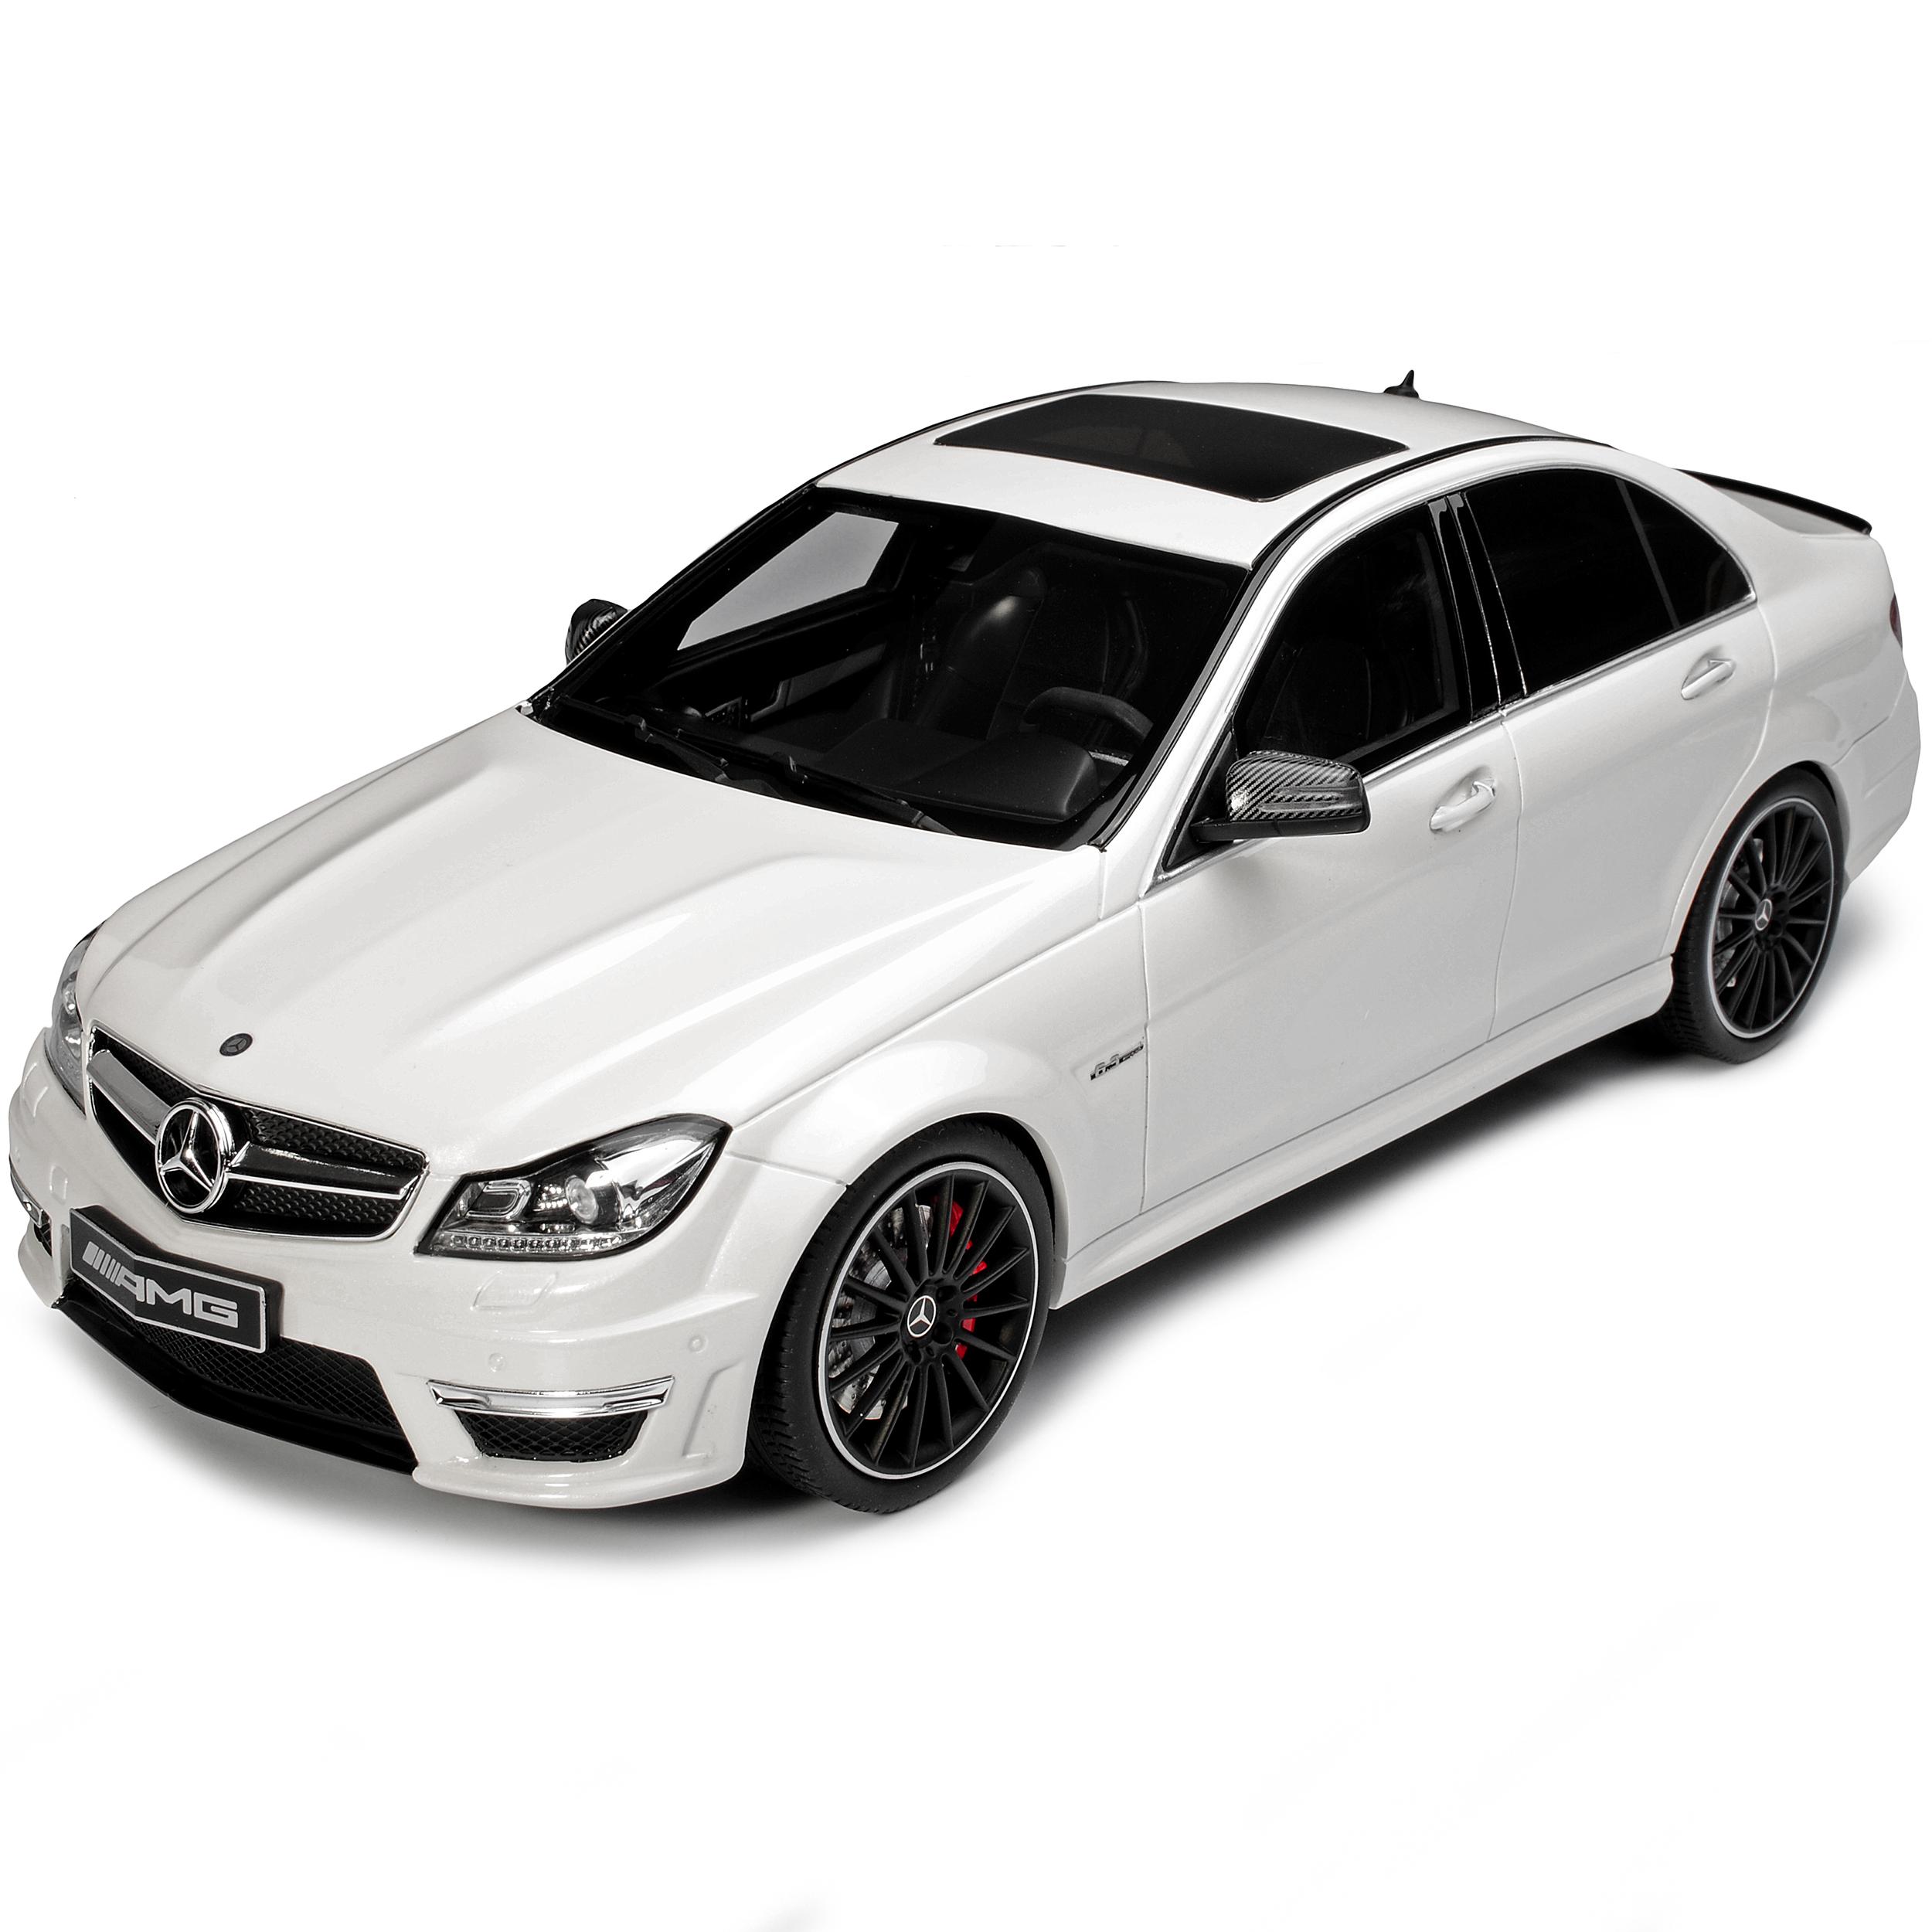 Mercedes-Benz Clase c C63 AMG W204 T sedán blanco 2007-2014 núm 166 1//18 GT....